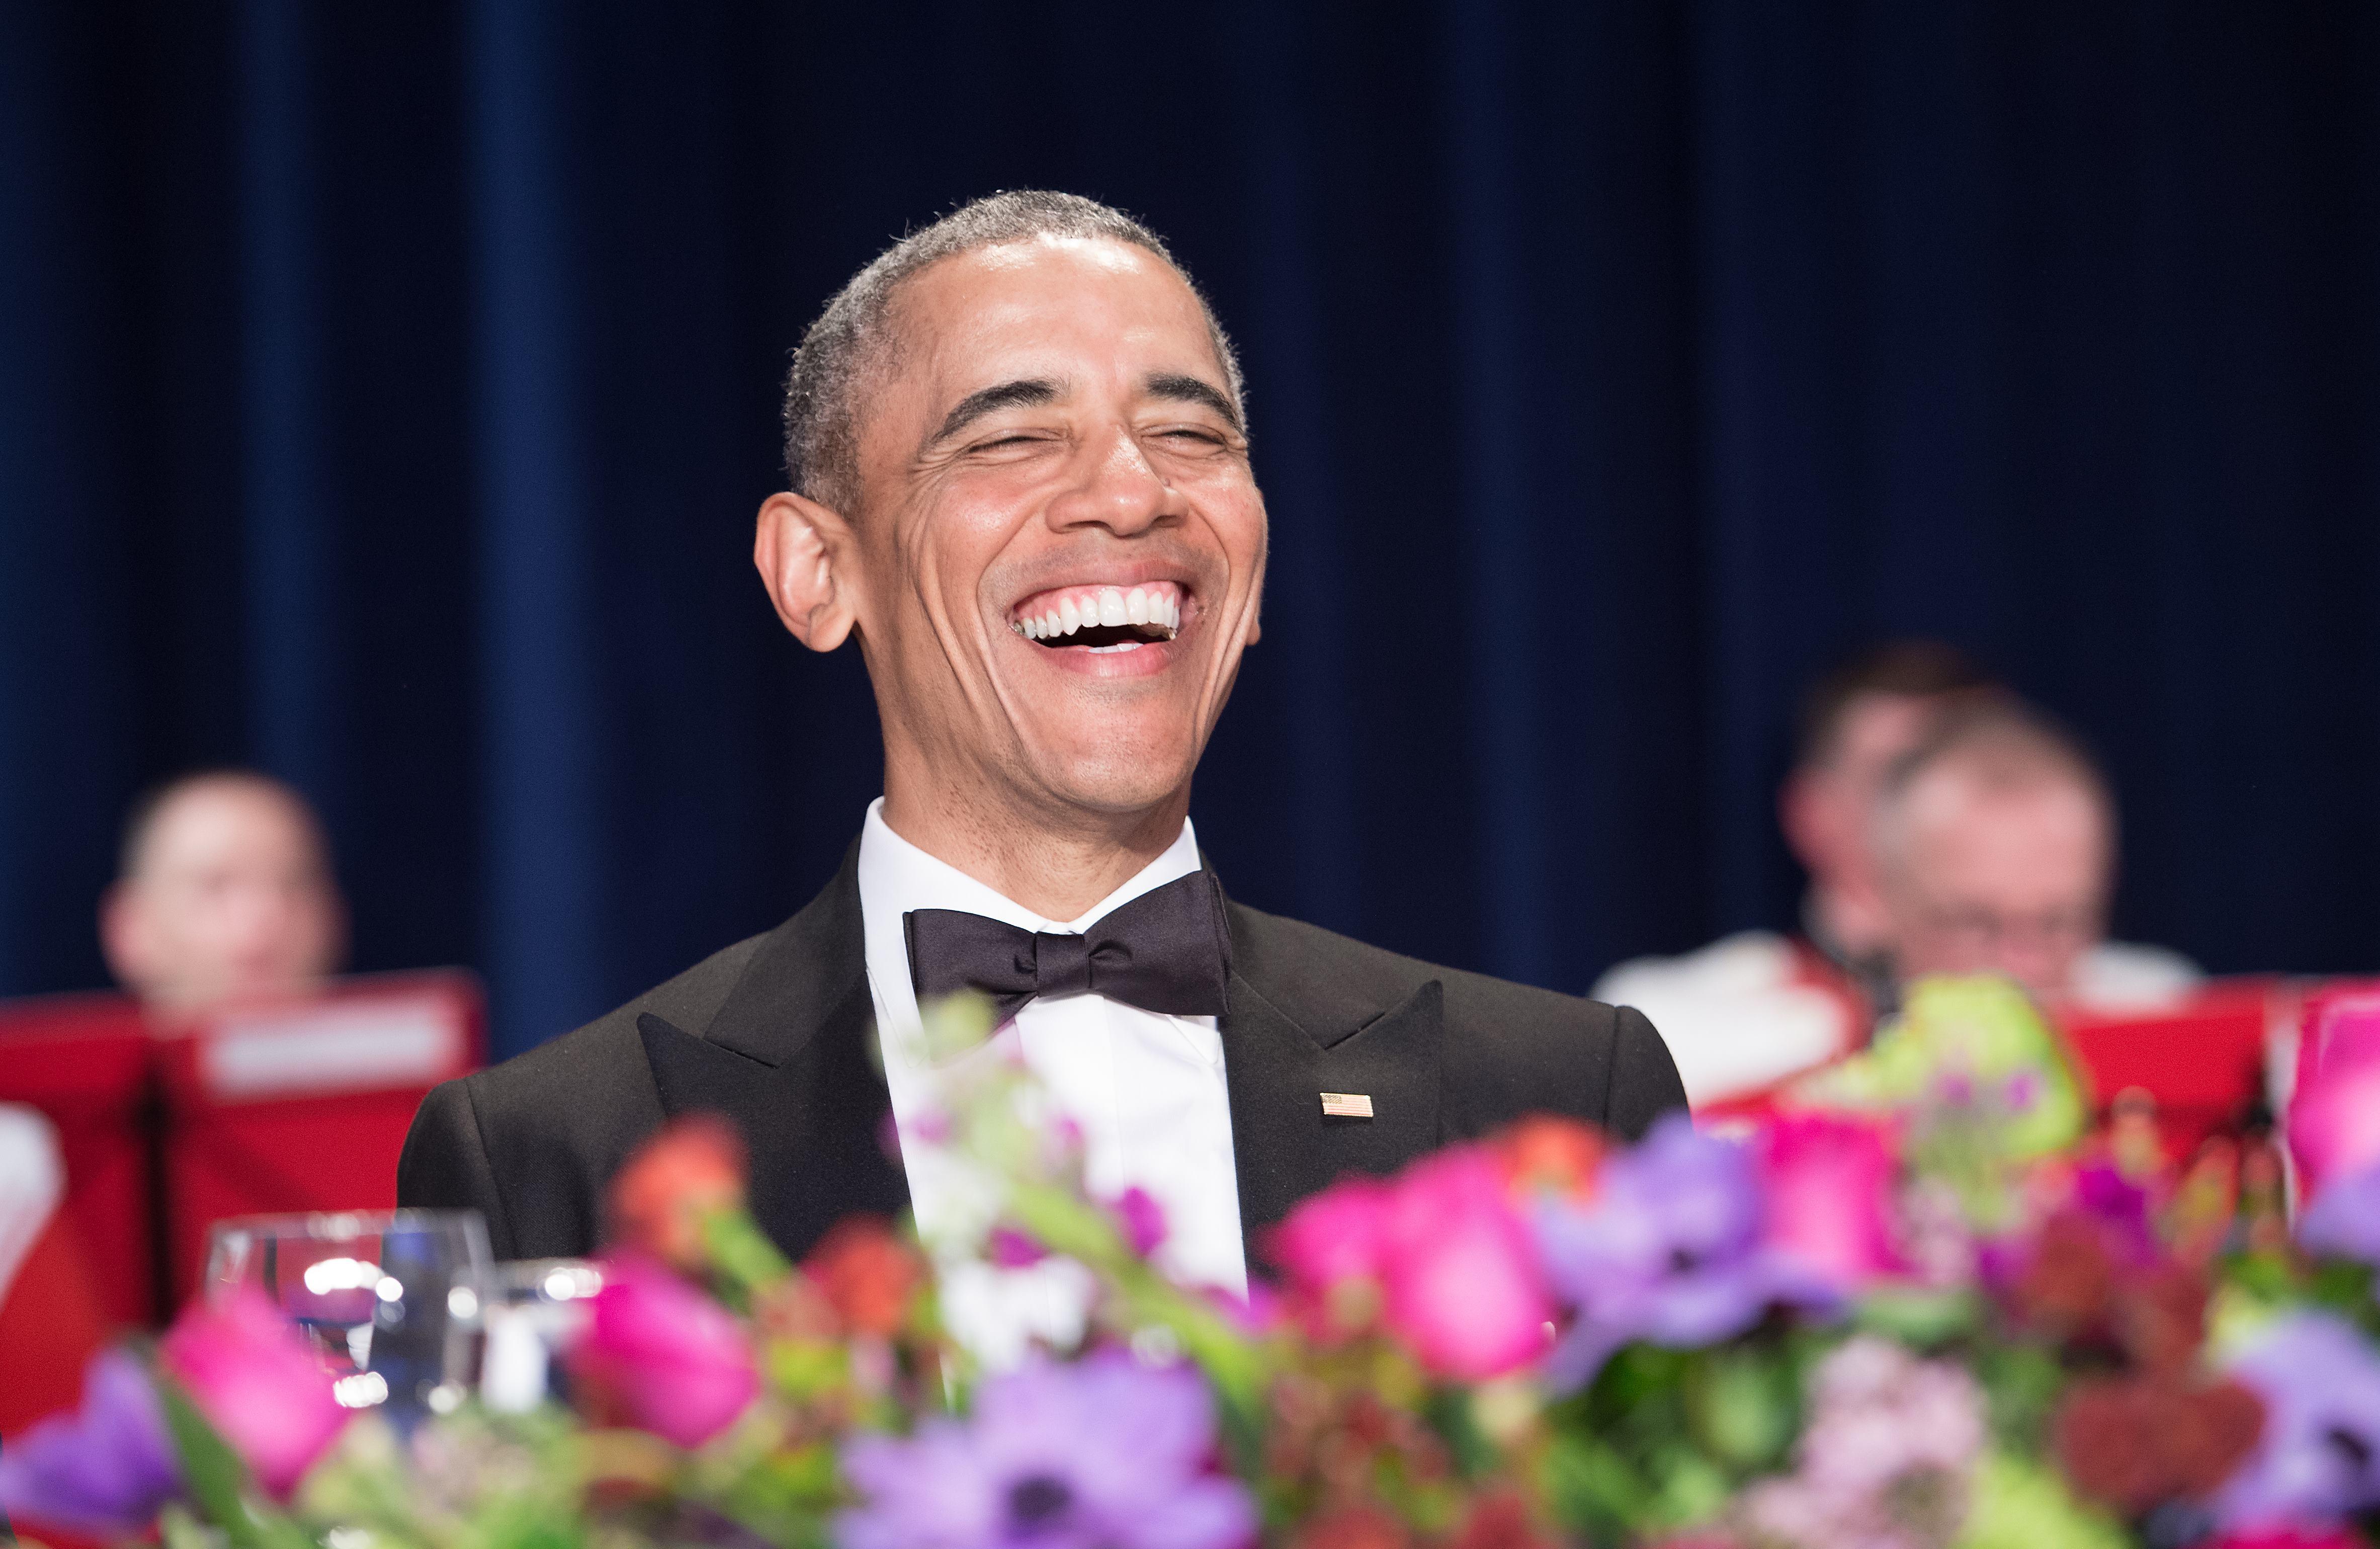 white house correspondents dinner 2016: obama vs. trump - cnnpolitics